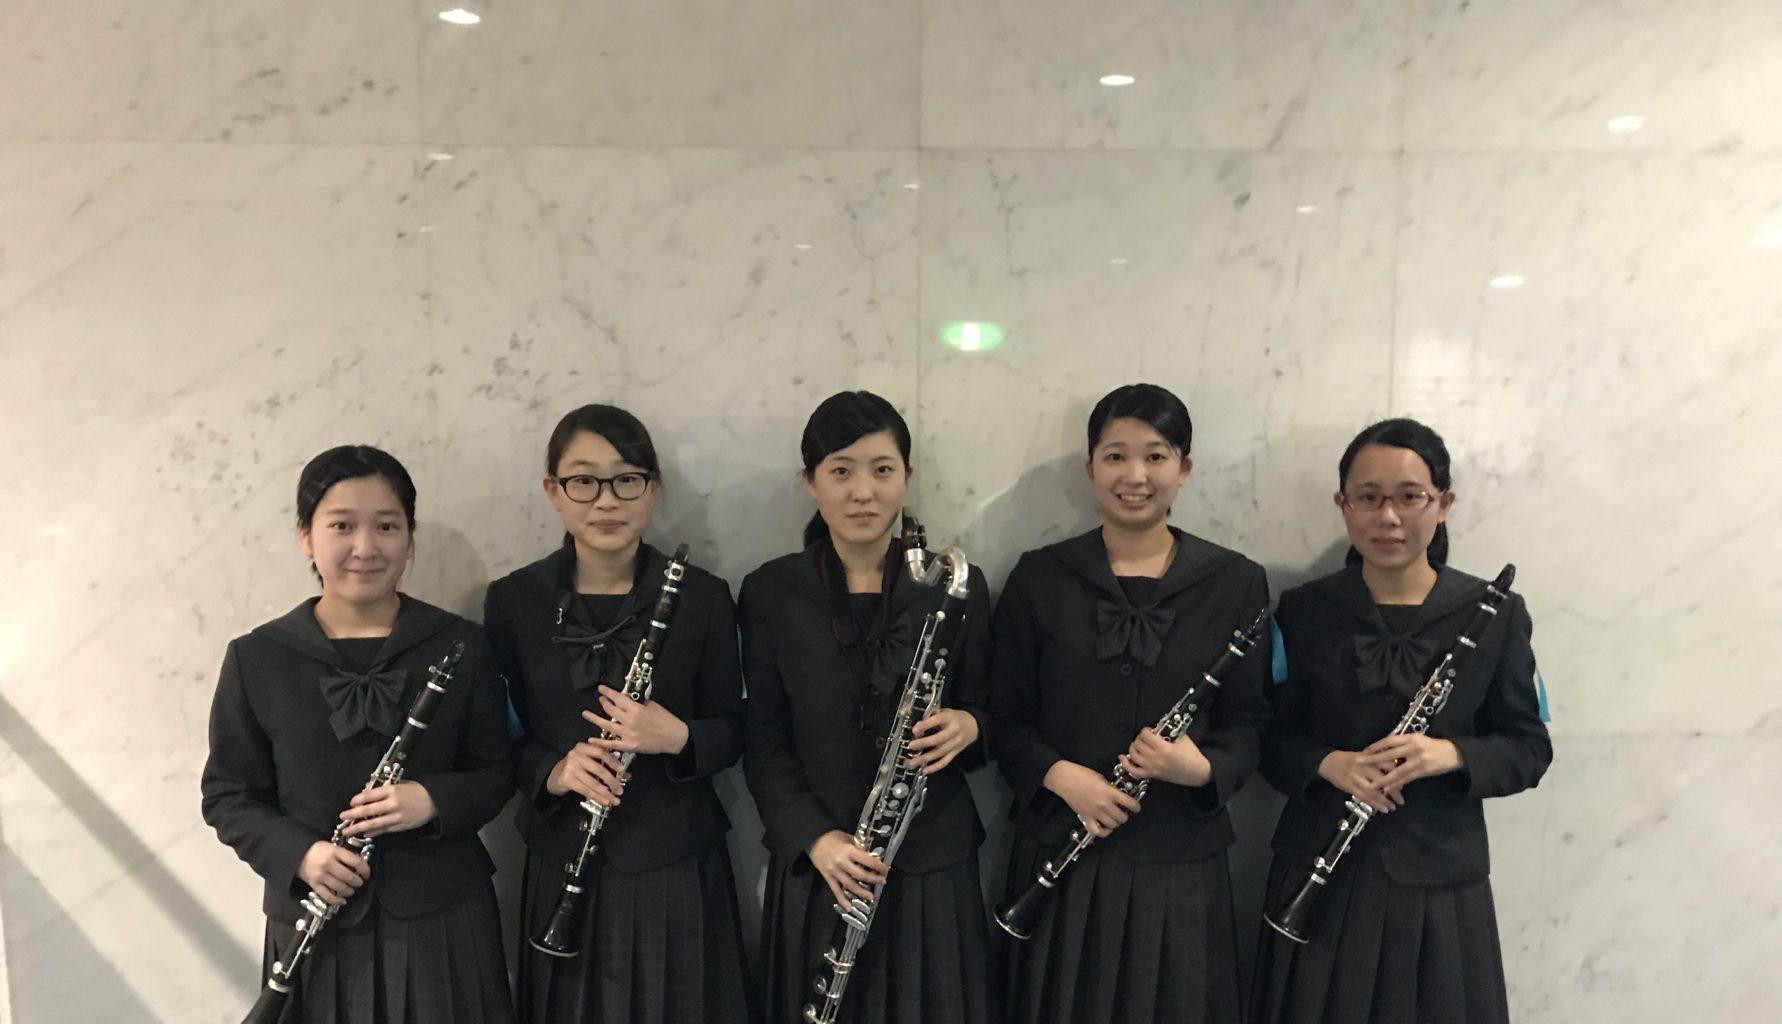 吹奏楽部:アンサンブルコンテスト中国大会